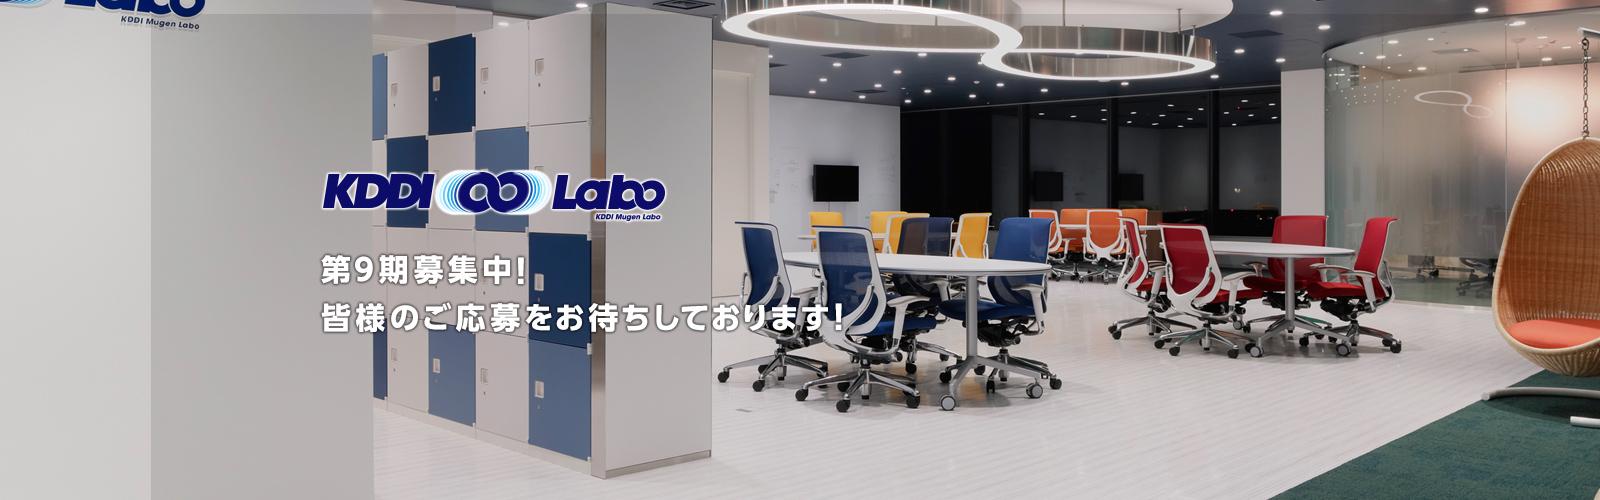 最新情報はKDDI ∞ Labo Facebookファンページをチェック!